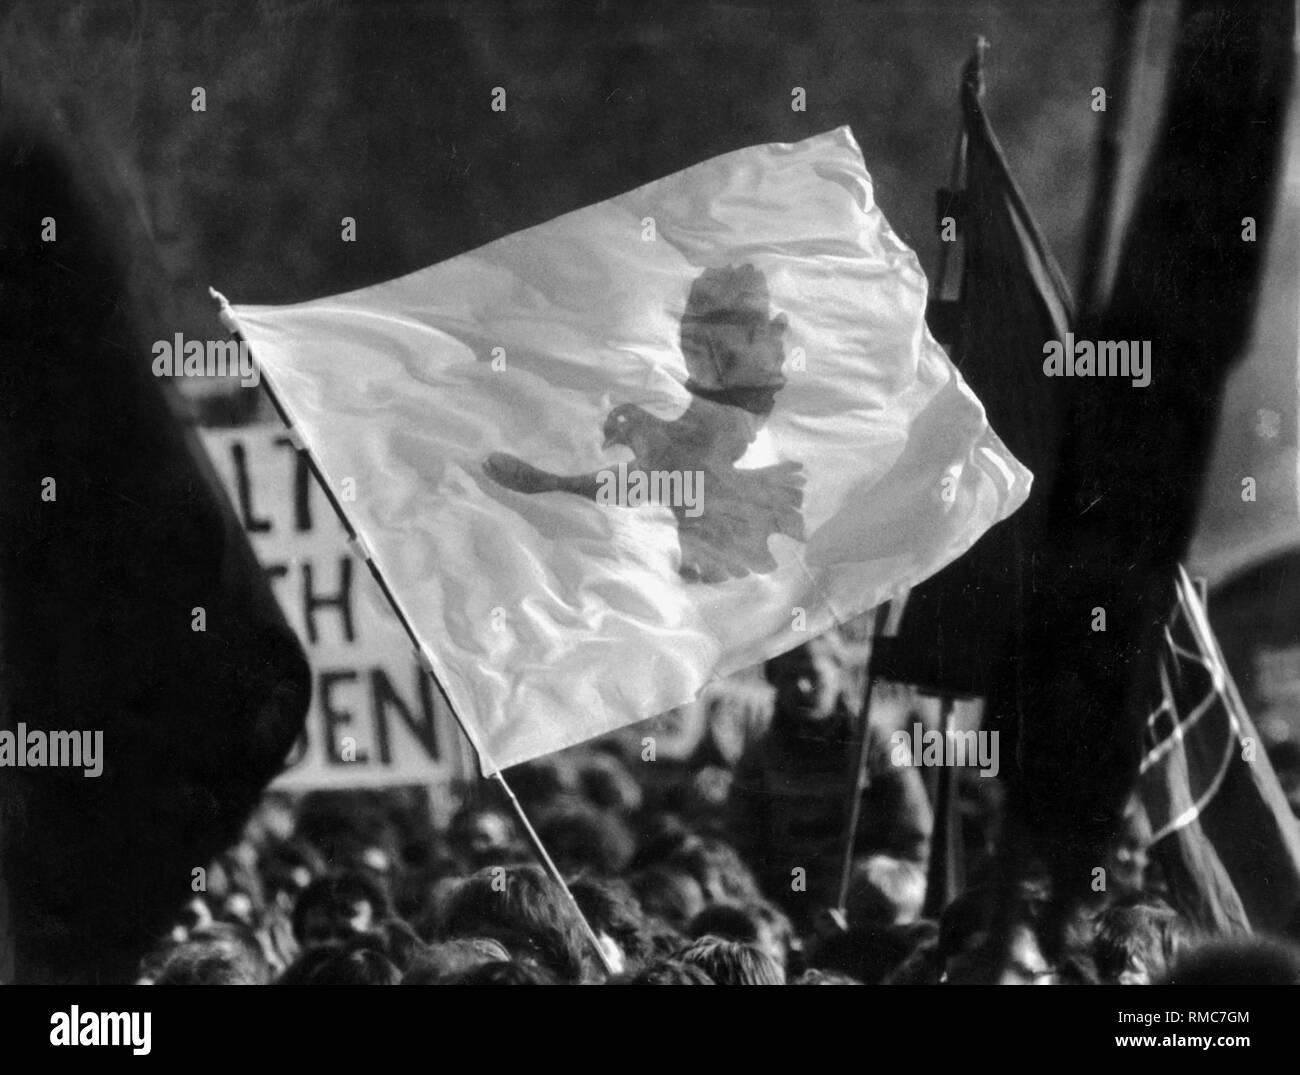 Le symbole du mouvement de la paix: la colombe de la paix sur une bannière. Photo Stock